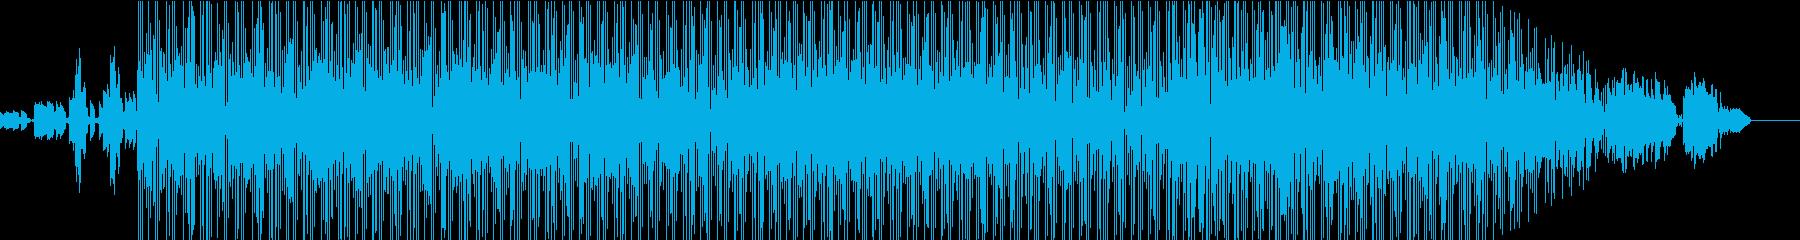 ロータリー、ボコーダー。ドラムンベ...の再生済みの波形